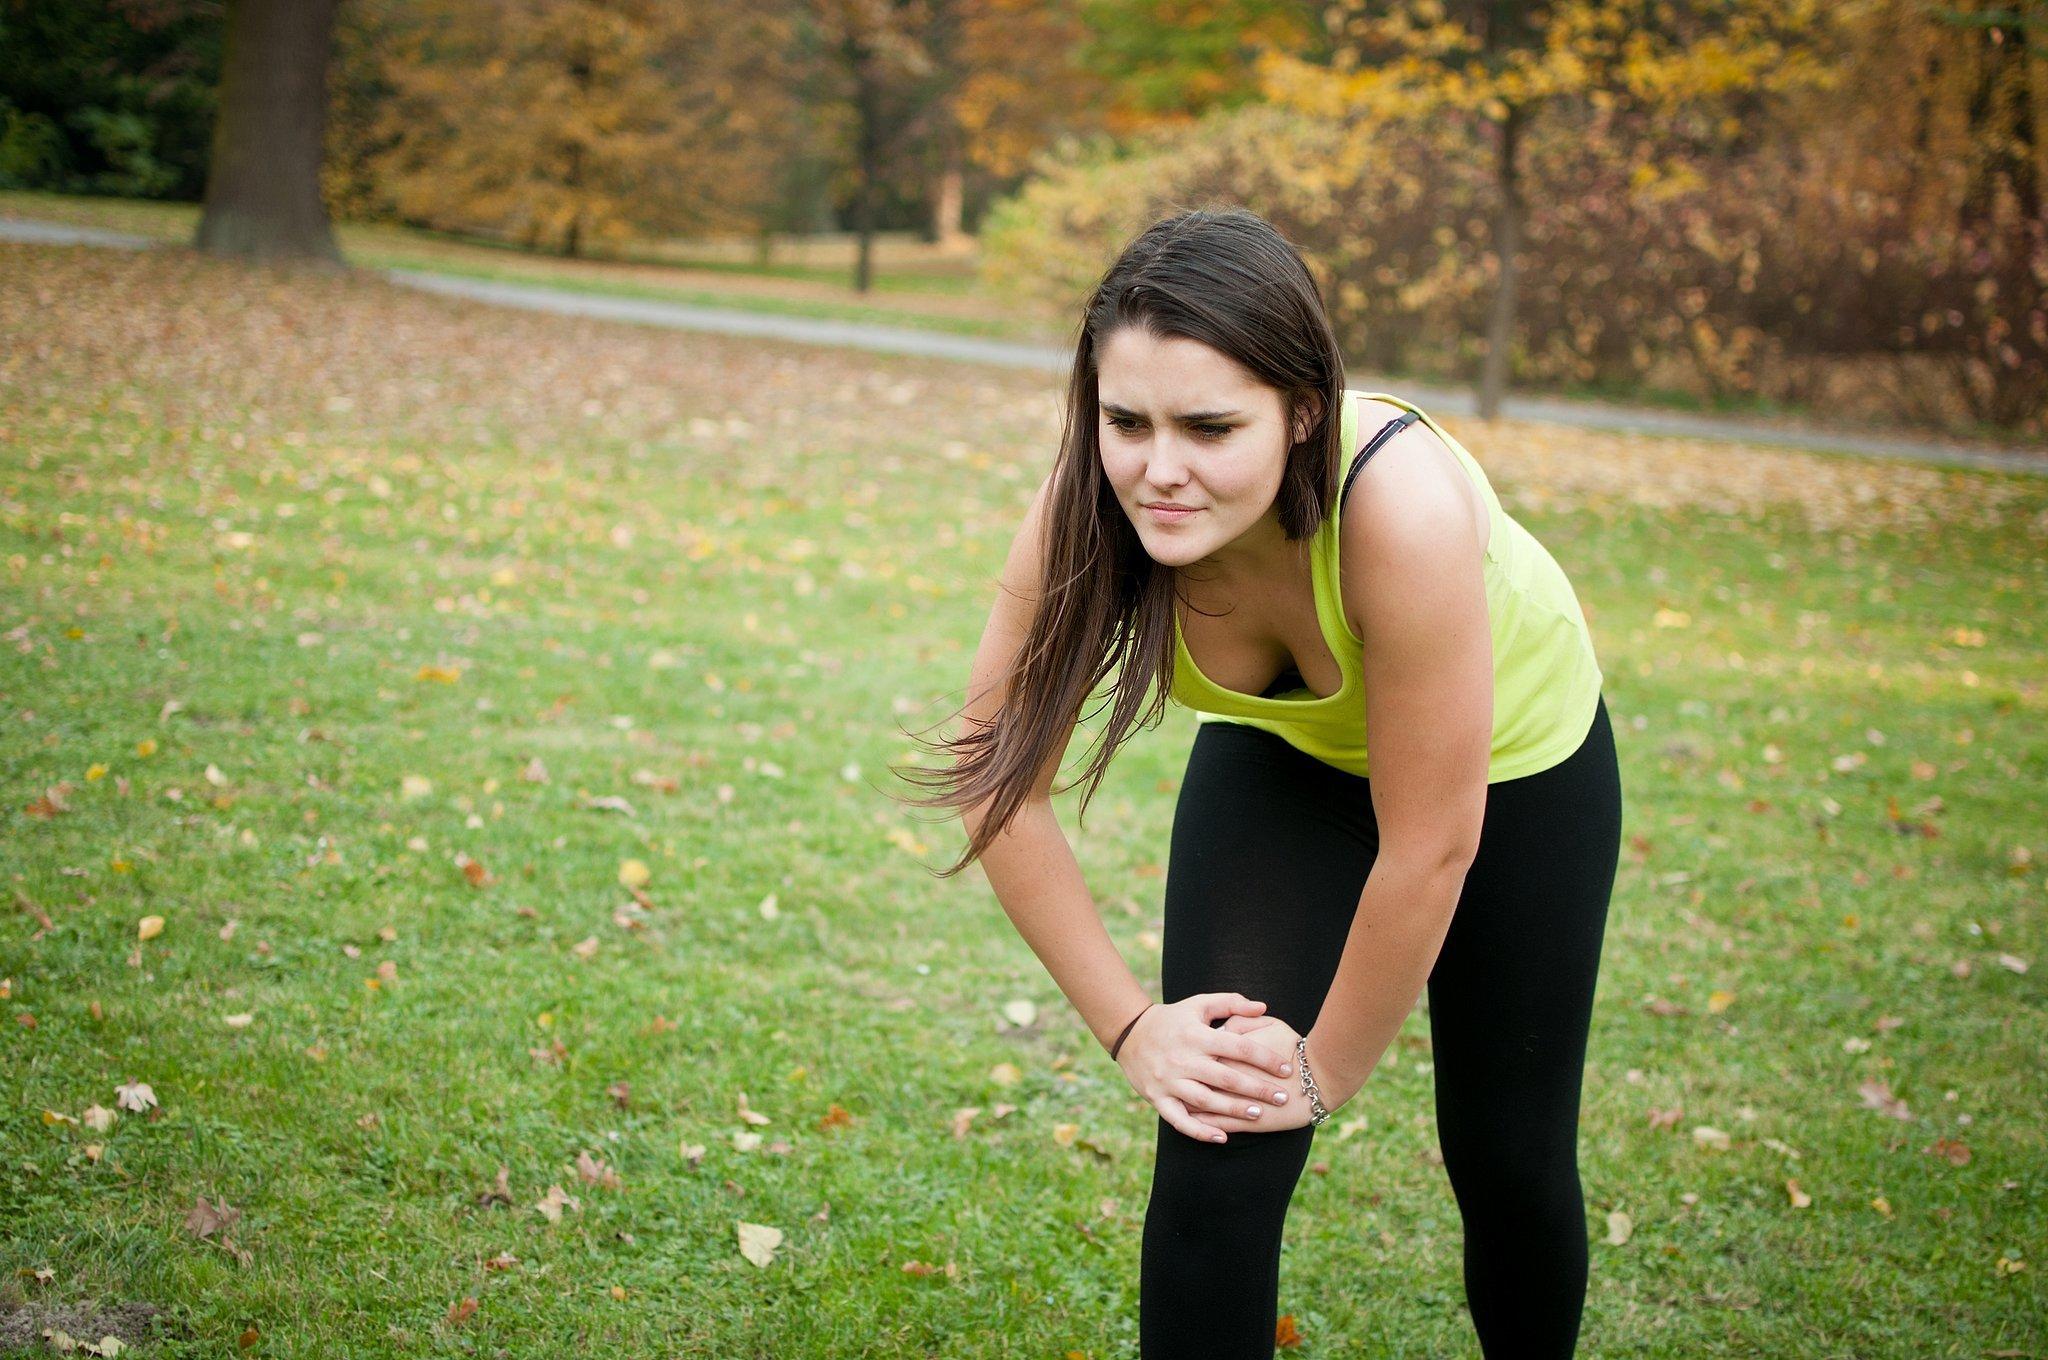 Wie Sie entspannt trainieren, ohne lästige Krämpfe.